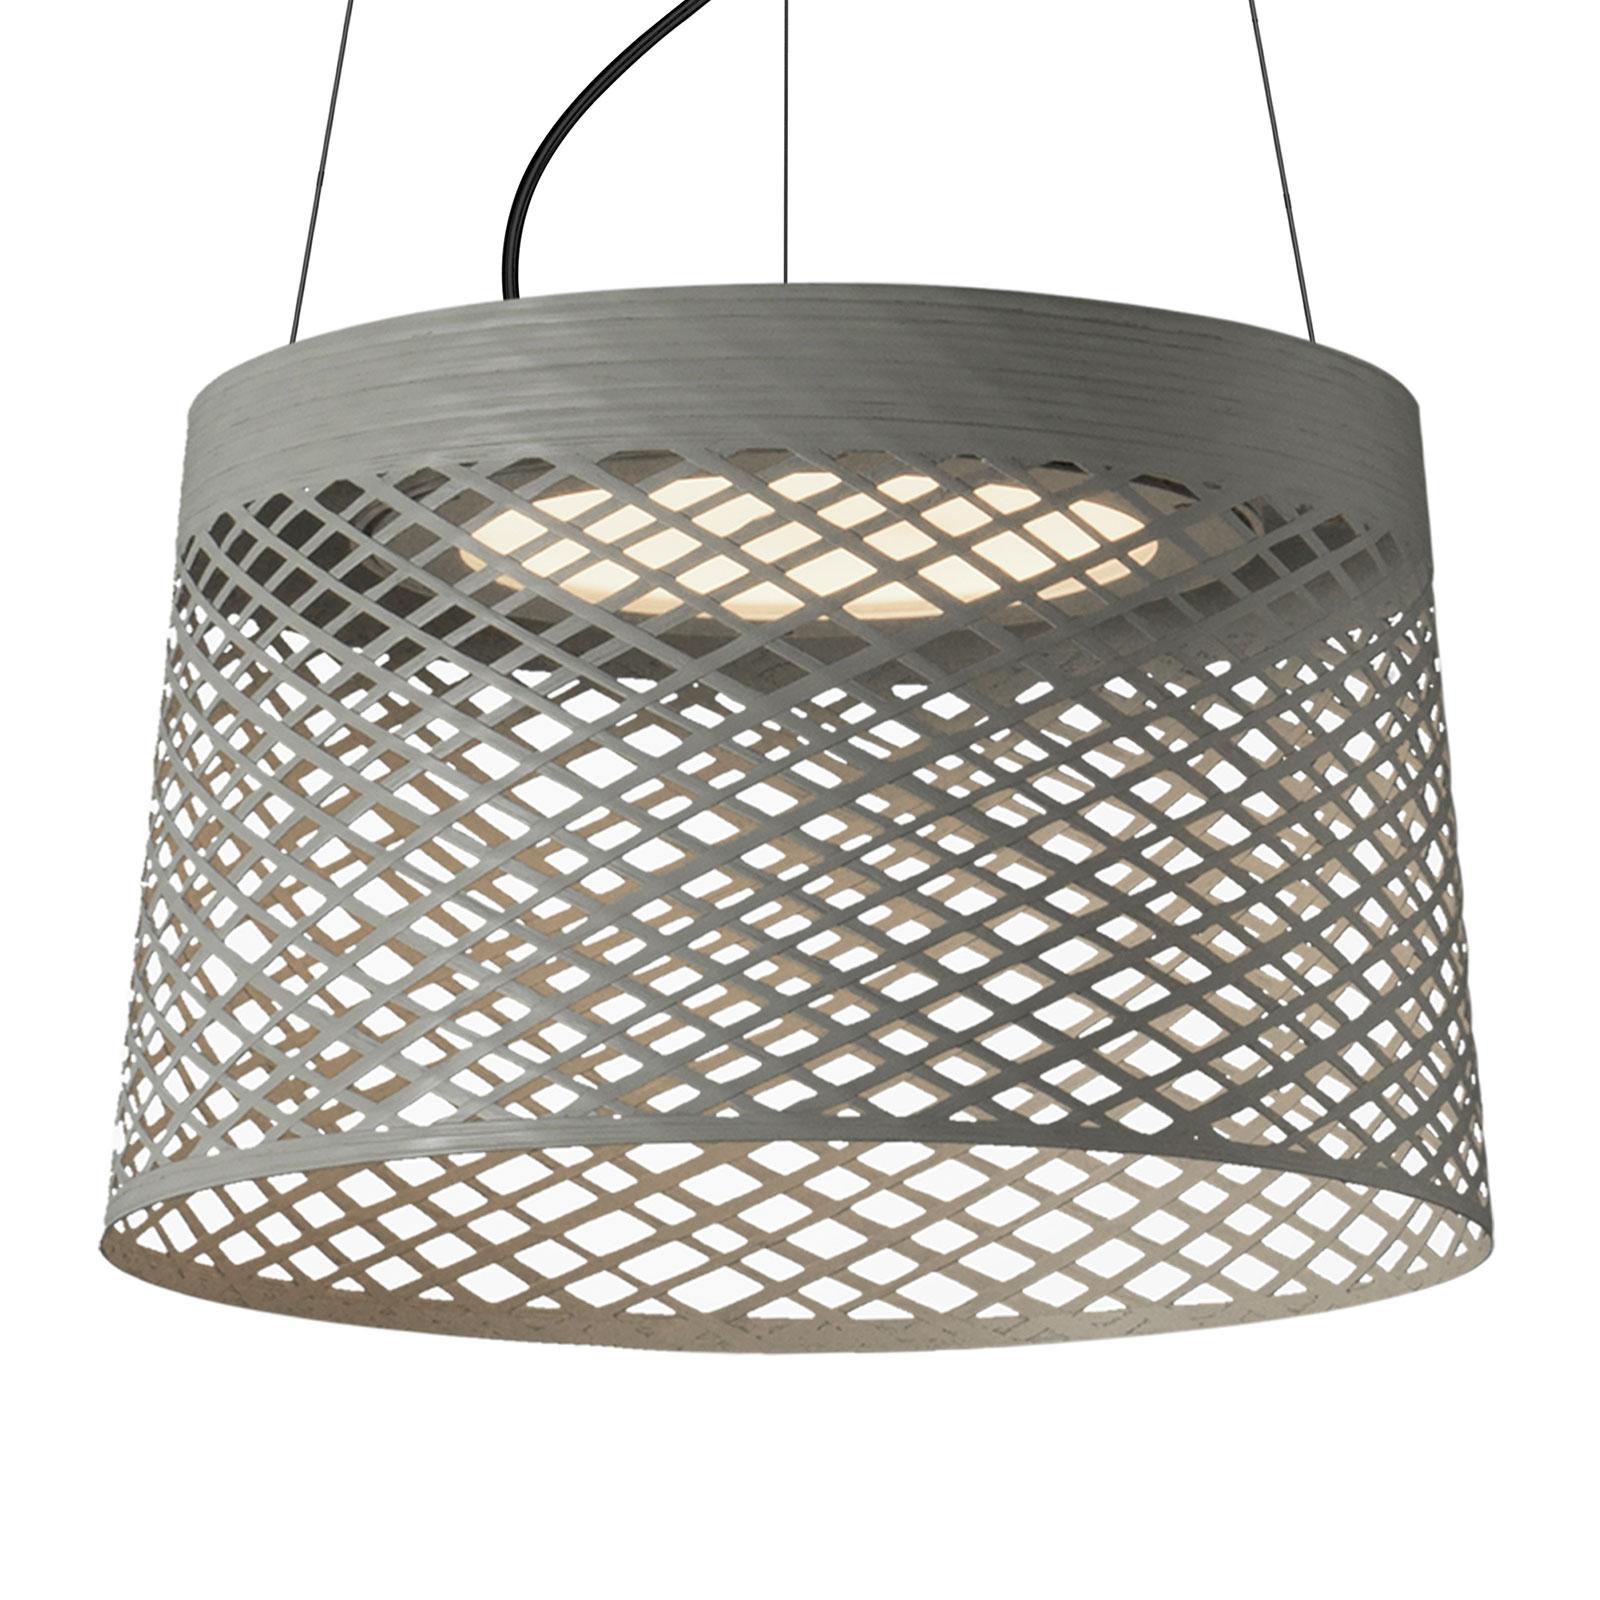 Foscarini Twiggy Grid LED-hänglampa, greige